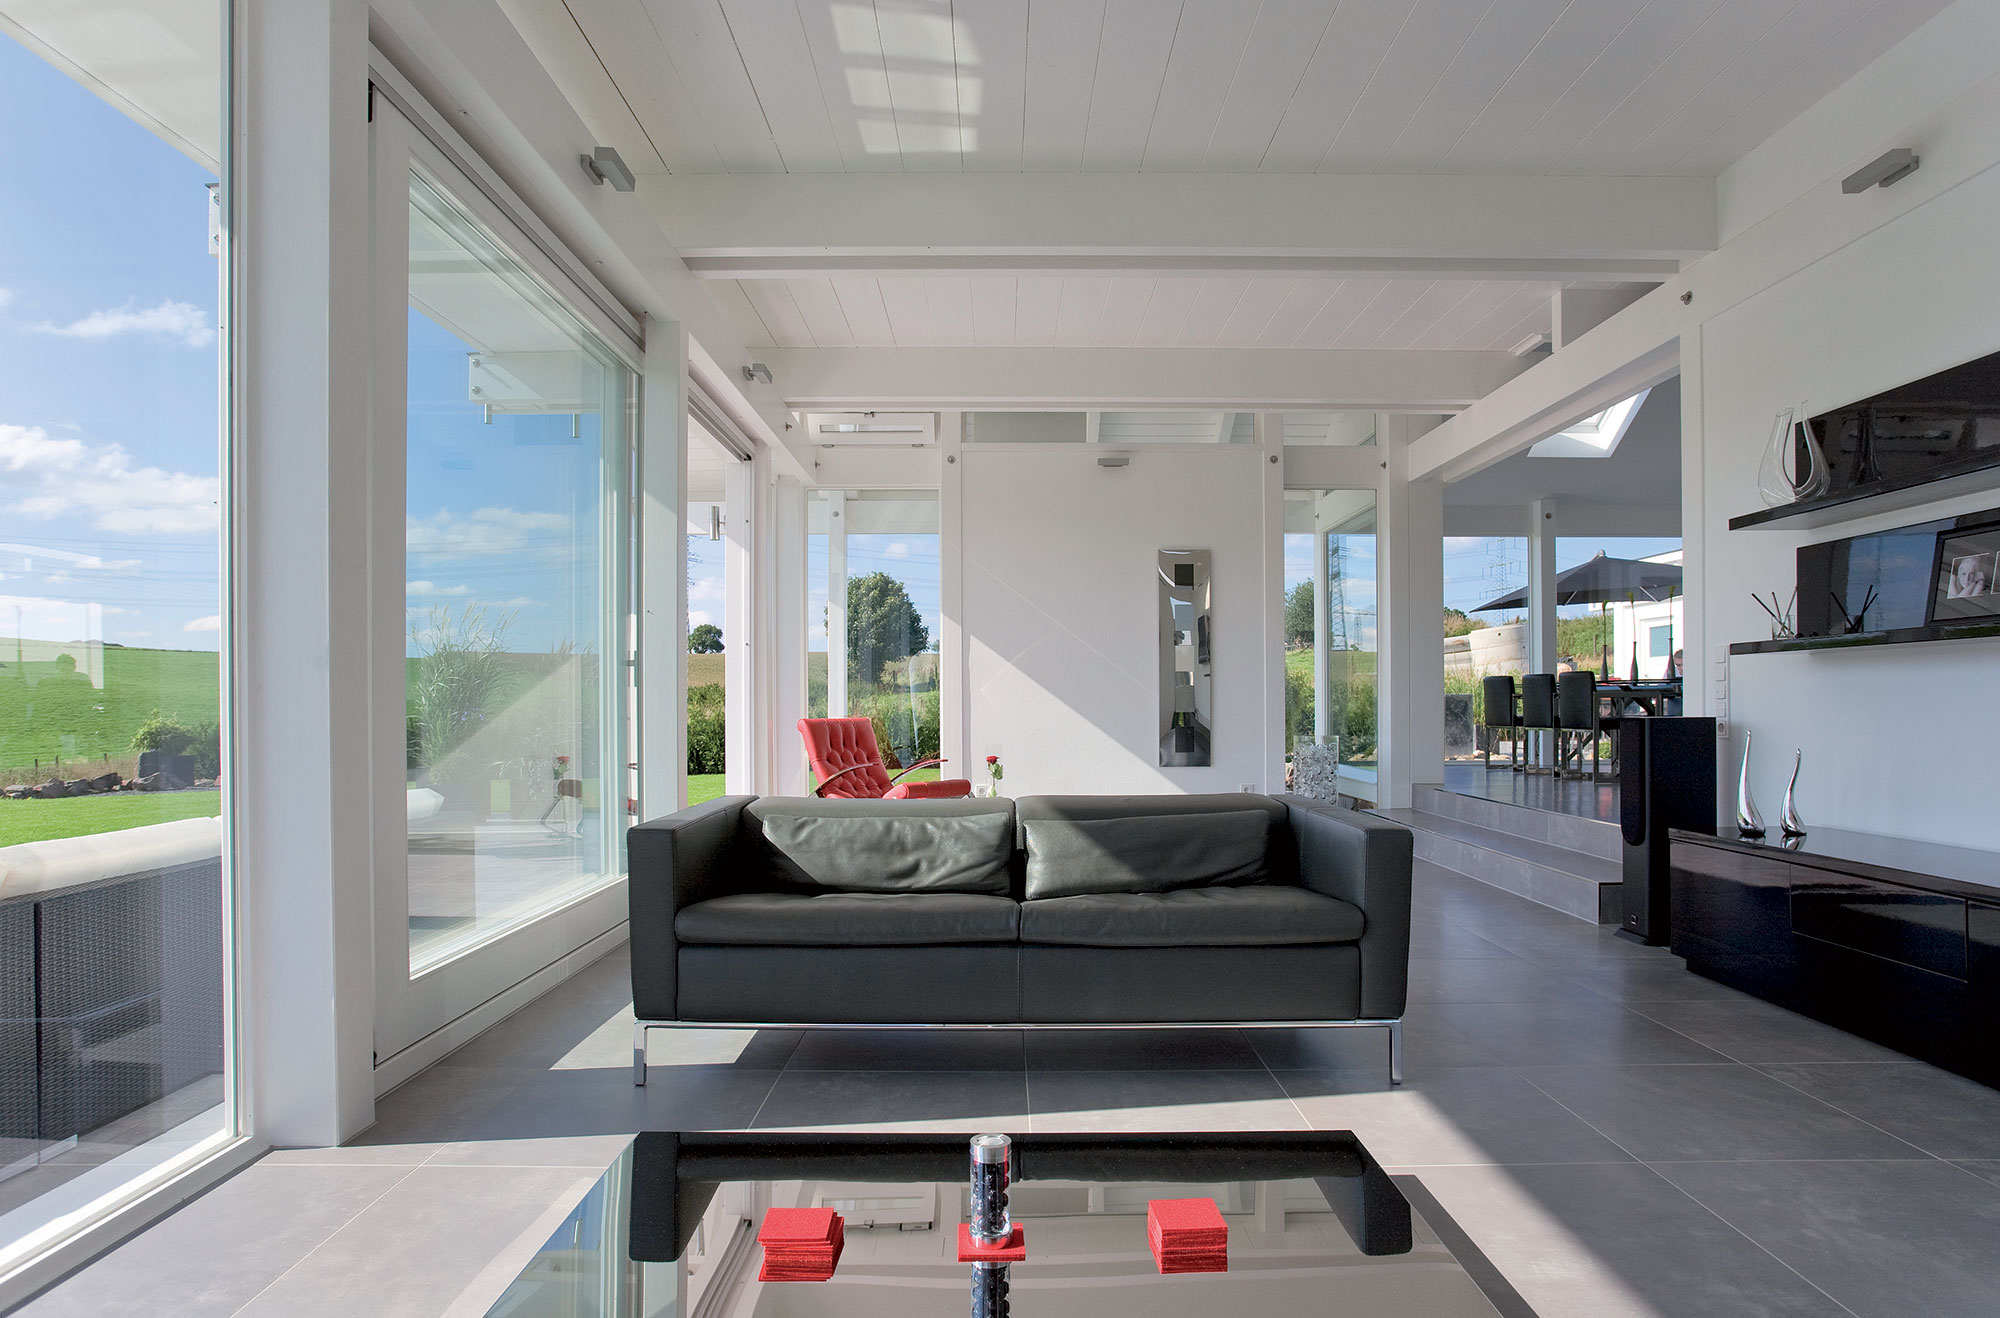 Come arredare una casa di pregio in legno e vetro: ecco i consigli dell'Interior Designer